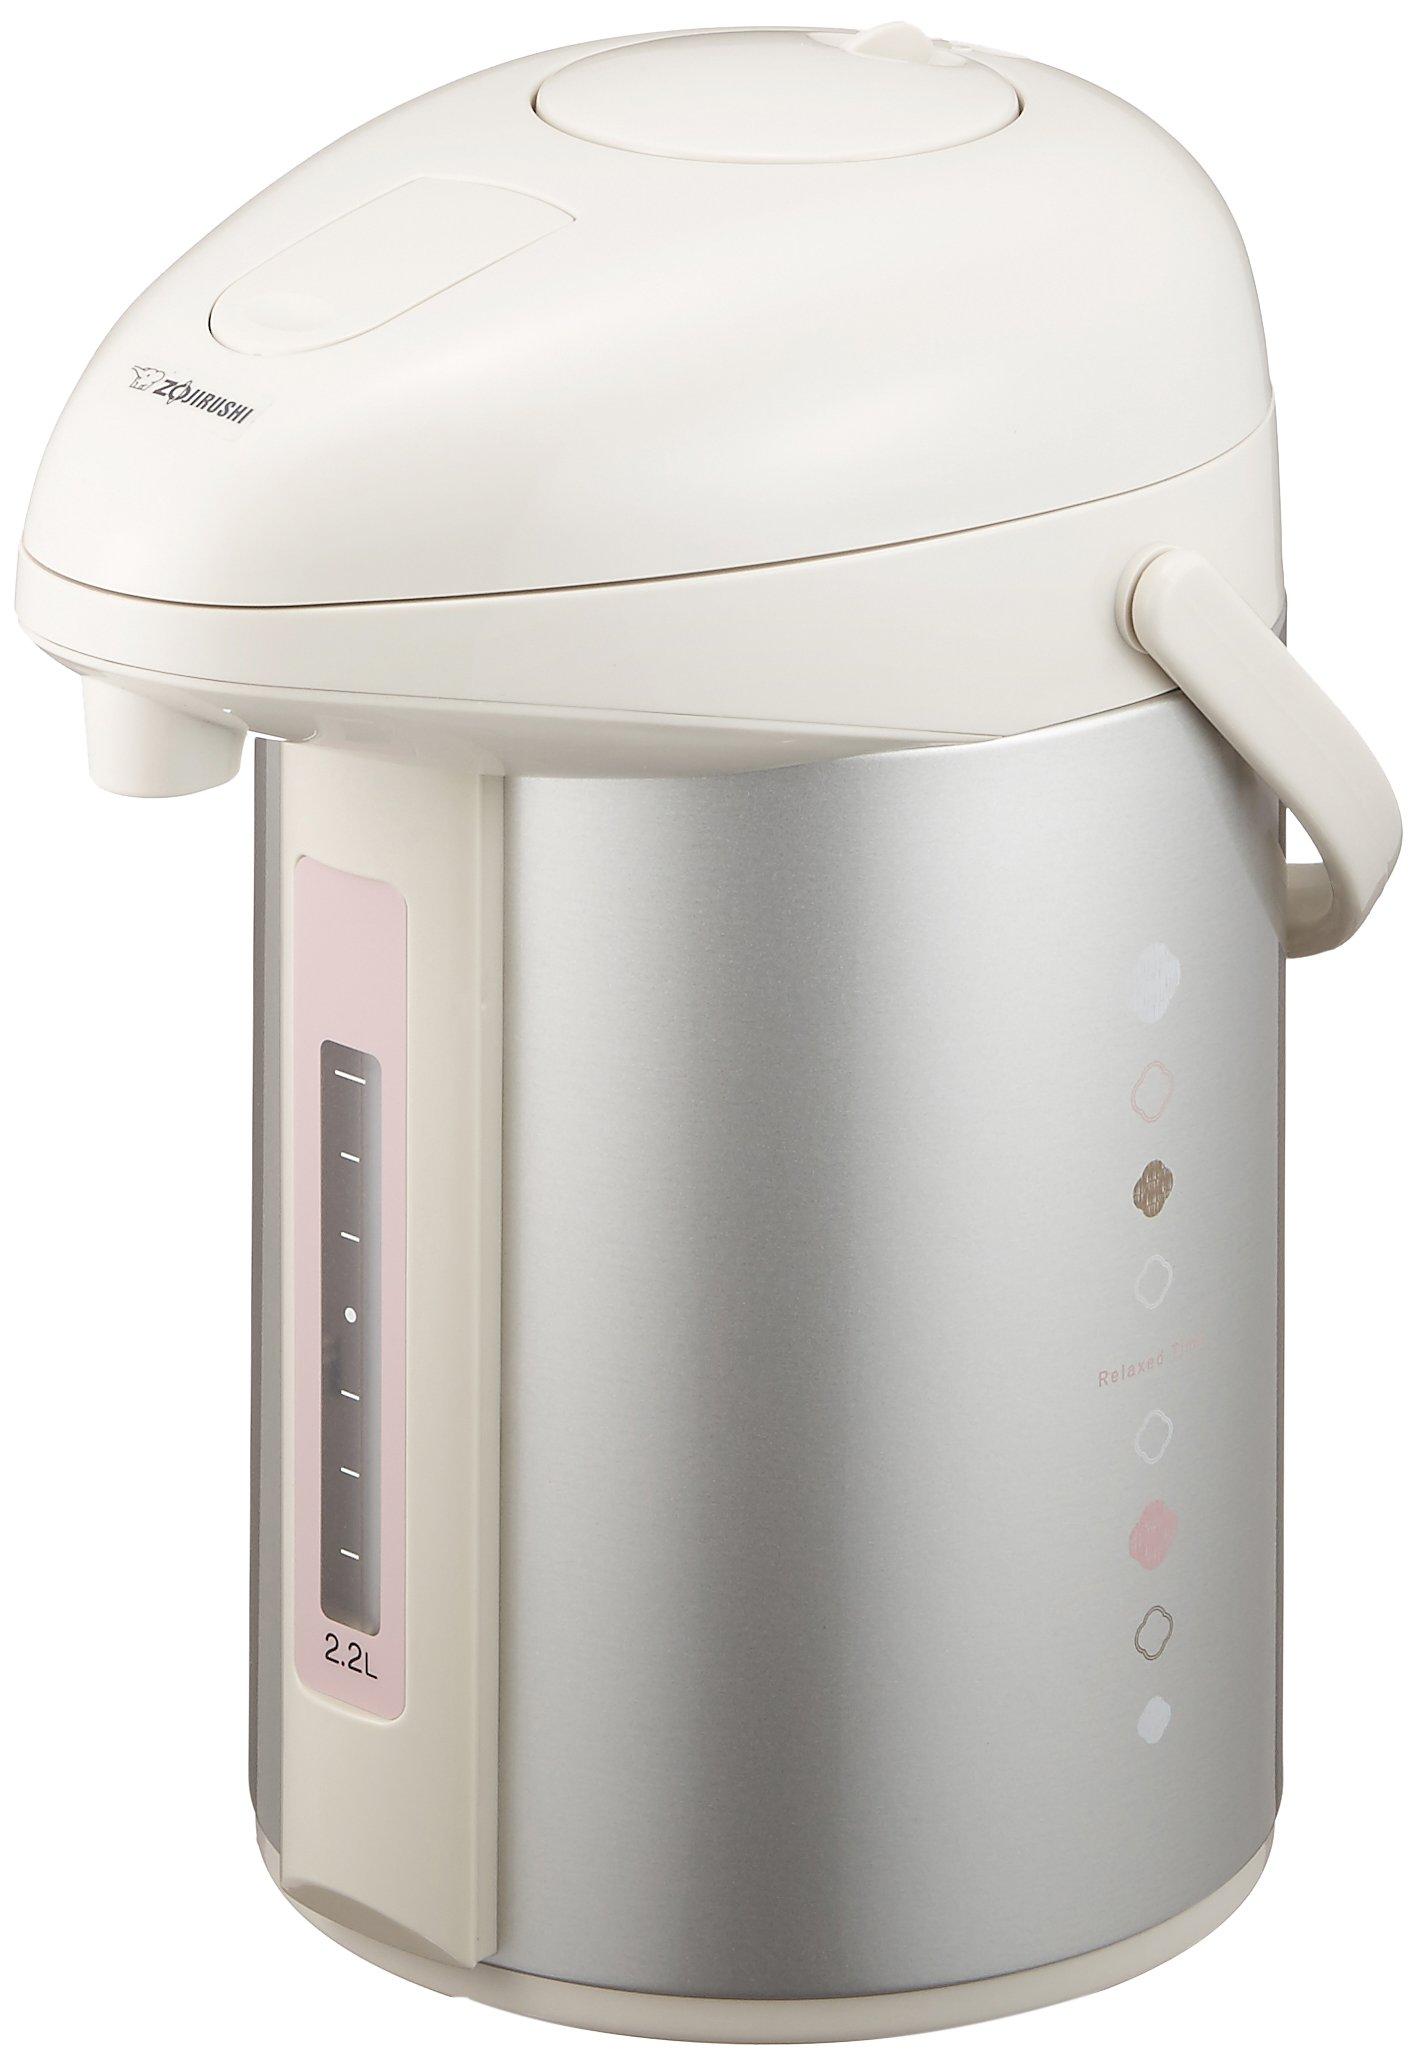 Zojirushi glass air pot ''press only pot'' 2.2L / beige AB-RX22-CA